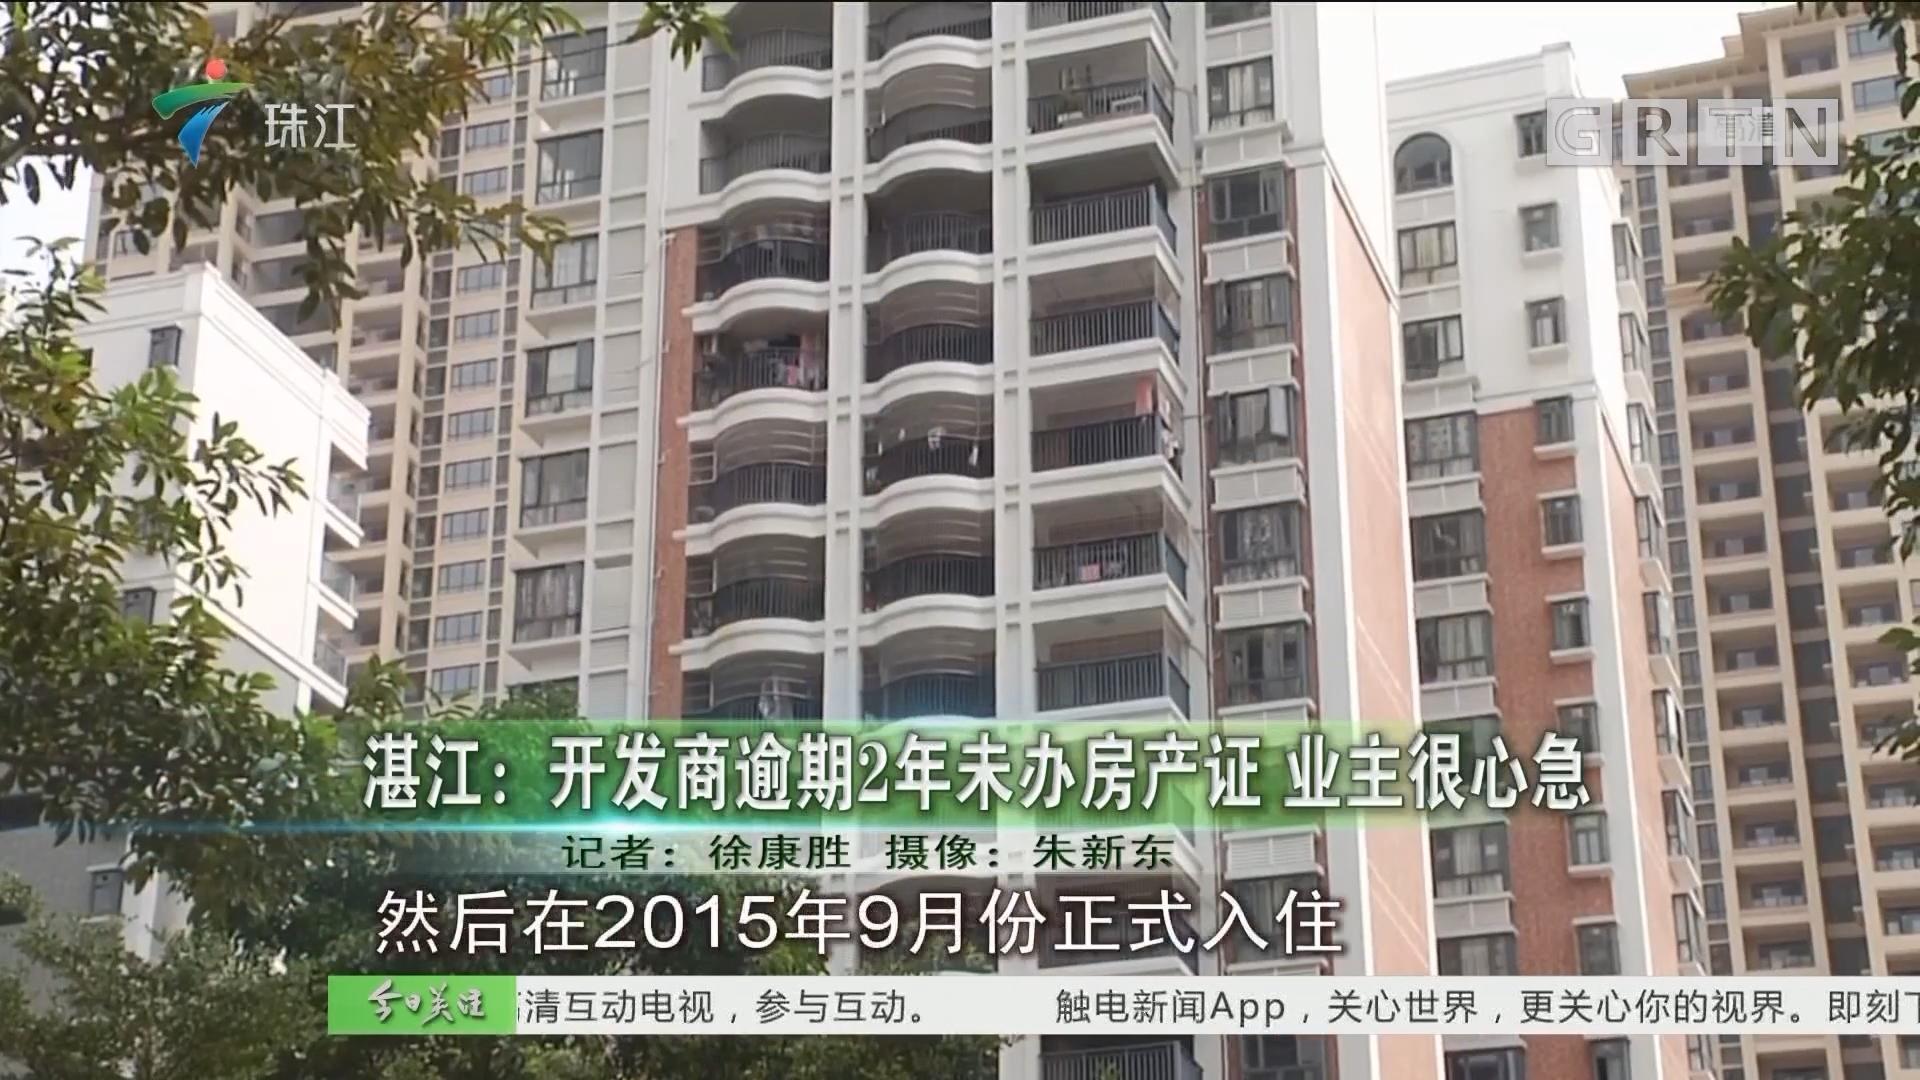 湛江:开发商逾期2年未办房产证 业主很心急